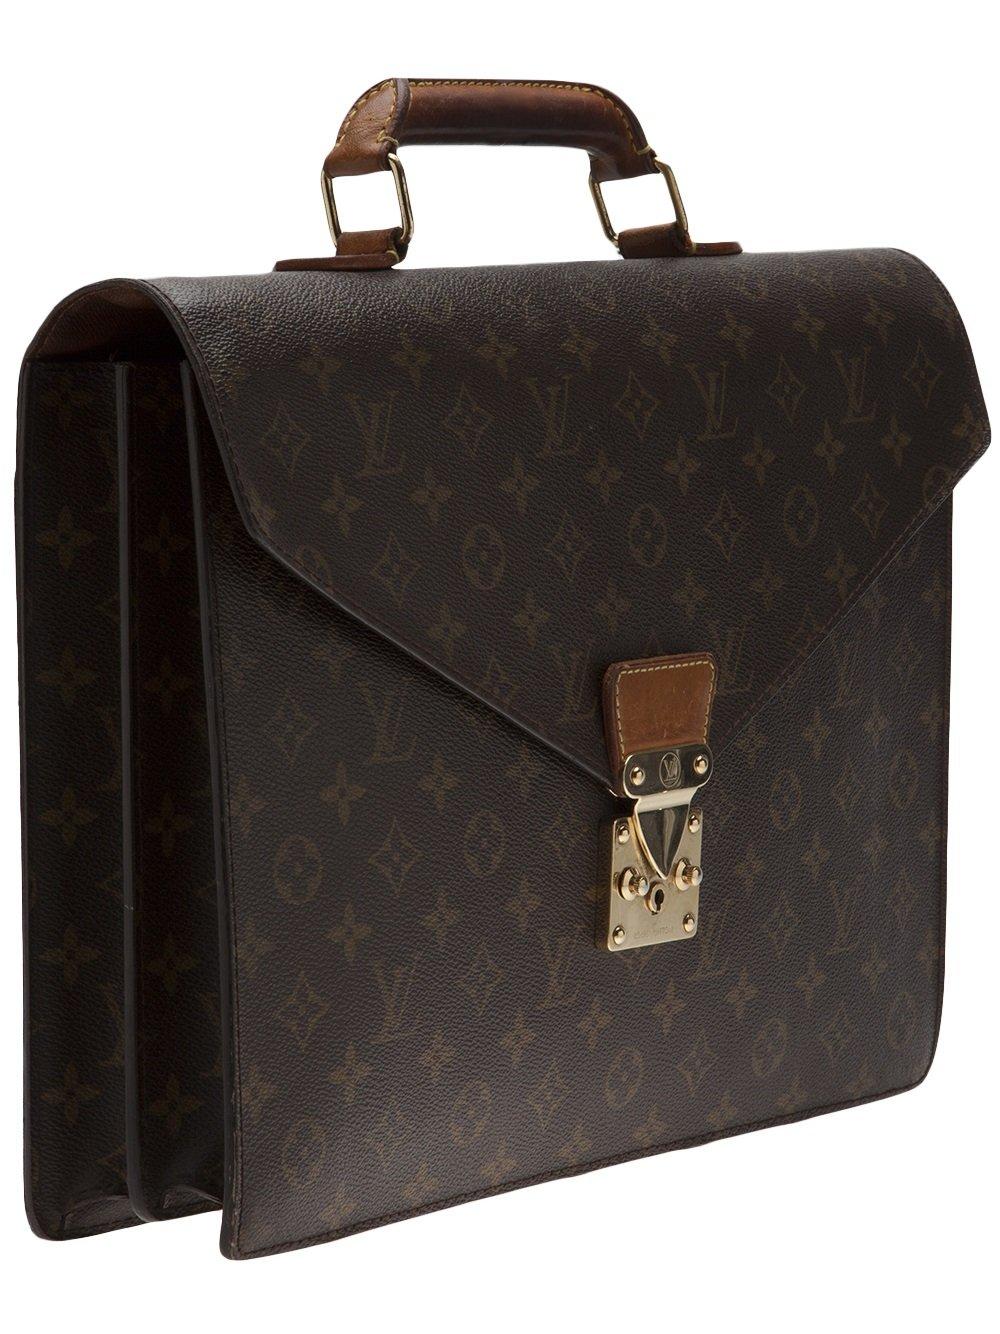 4a3aa0fd1 Louis Vuitton Monogram Serviette Briefcase in Brown - Lyst